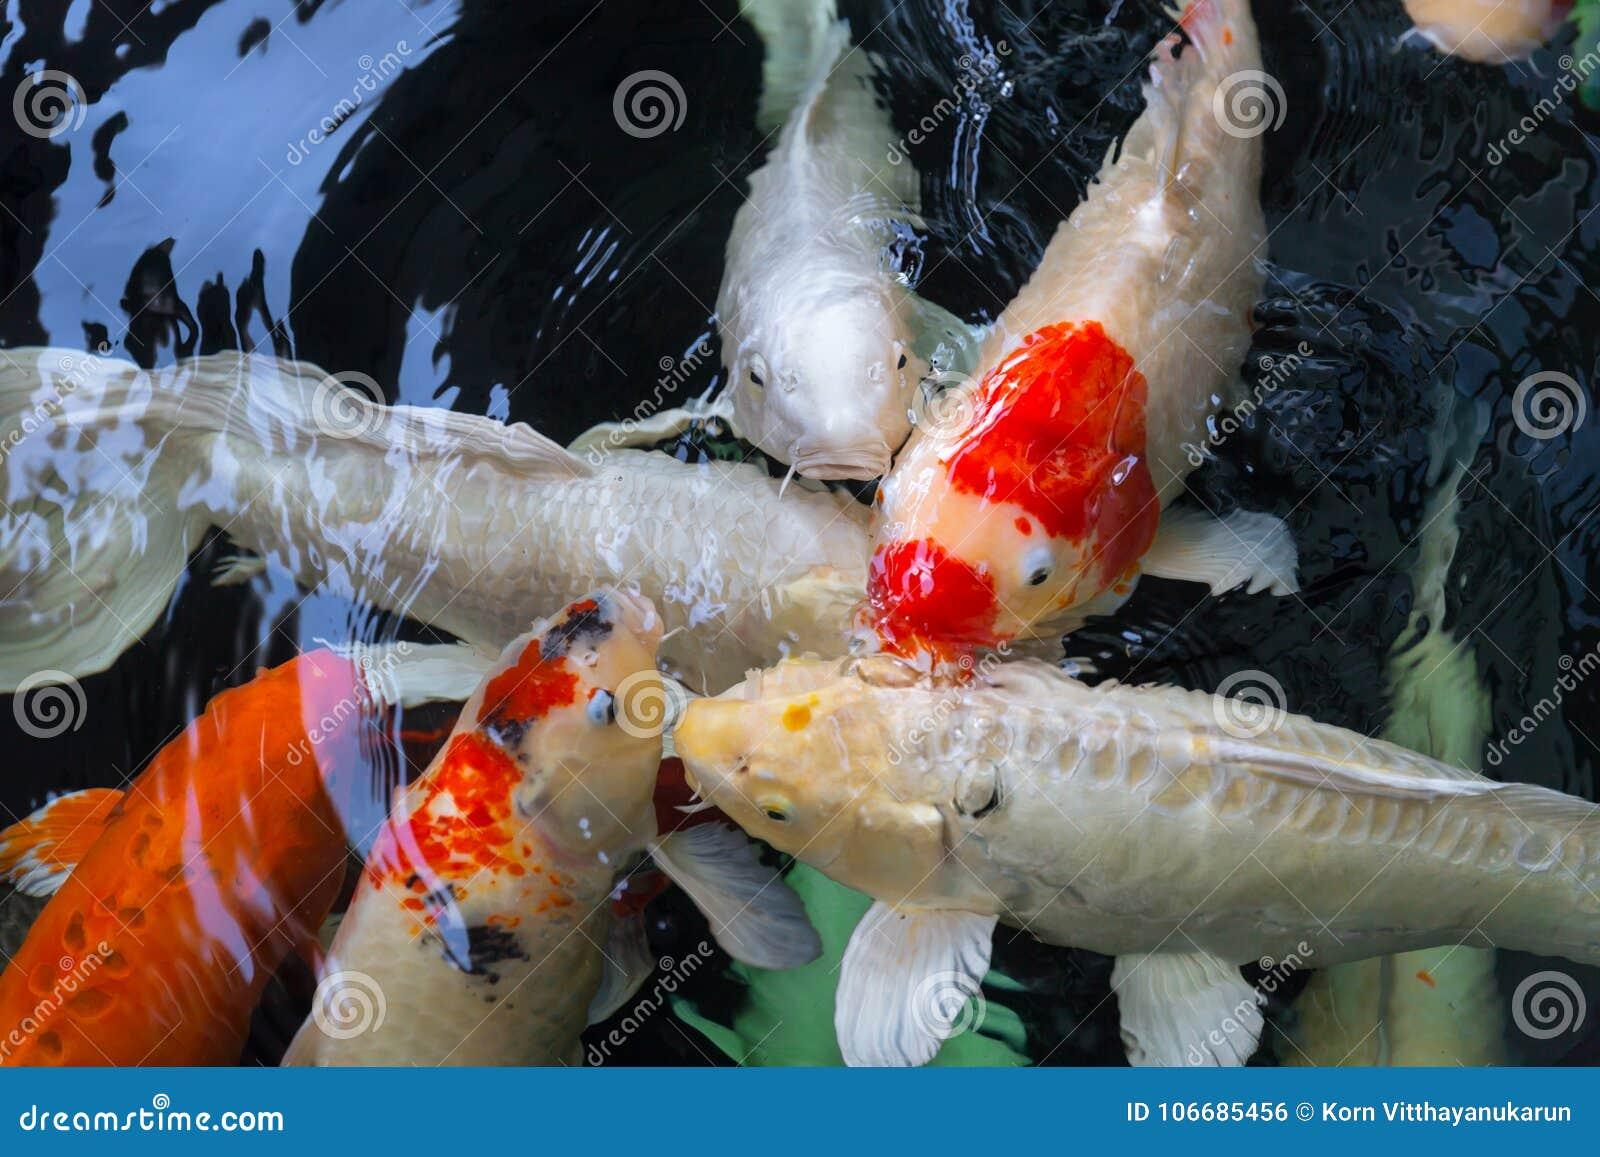 Group of fish or koi fish